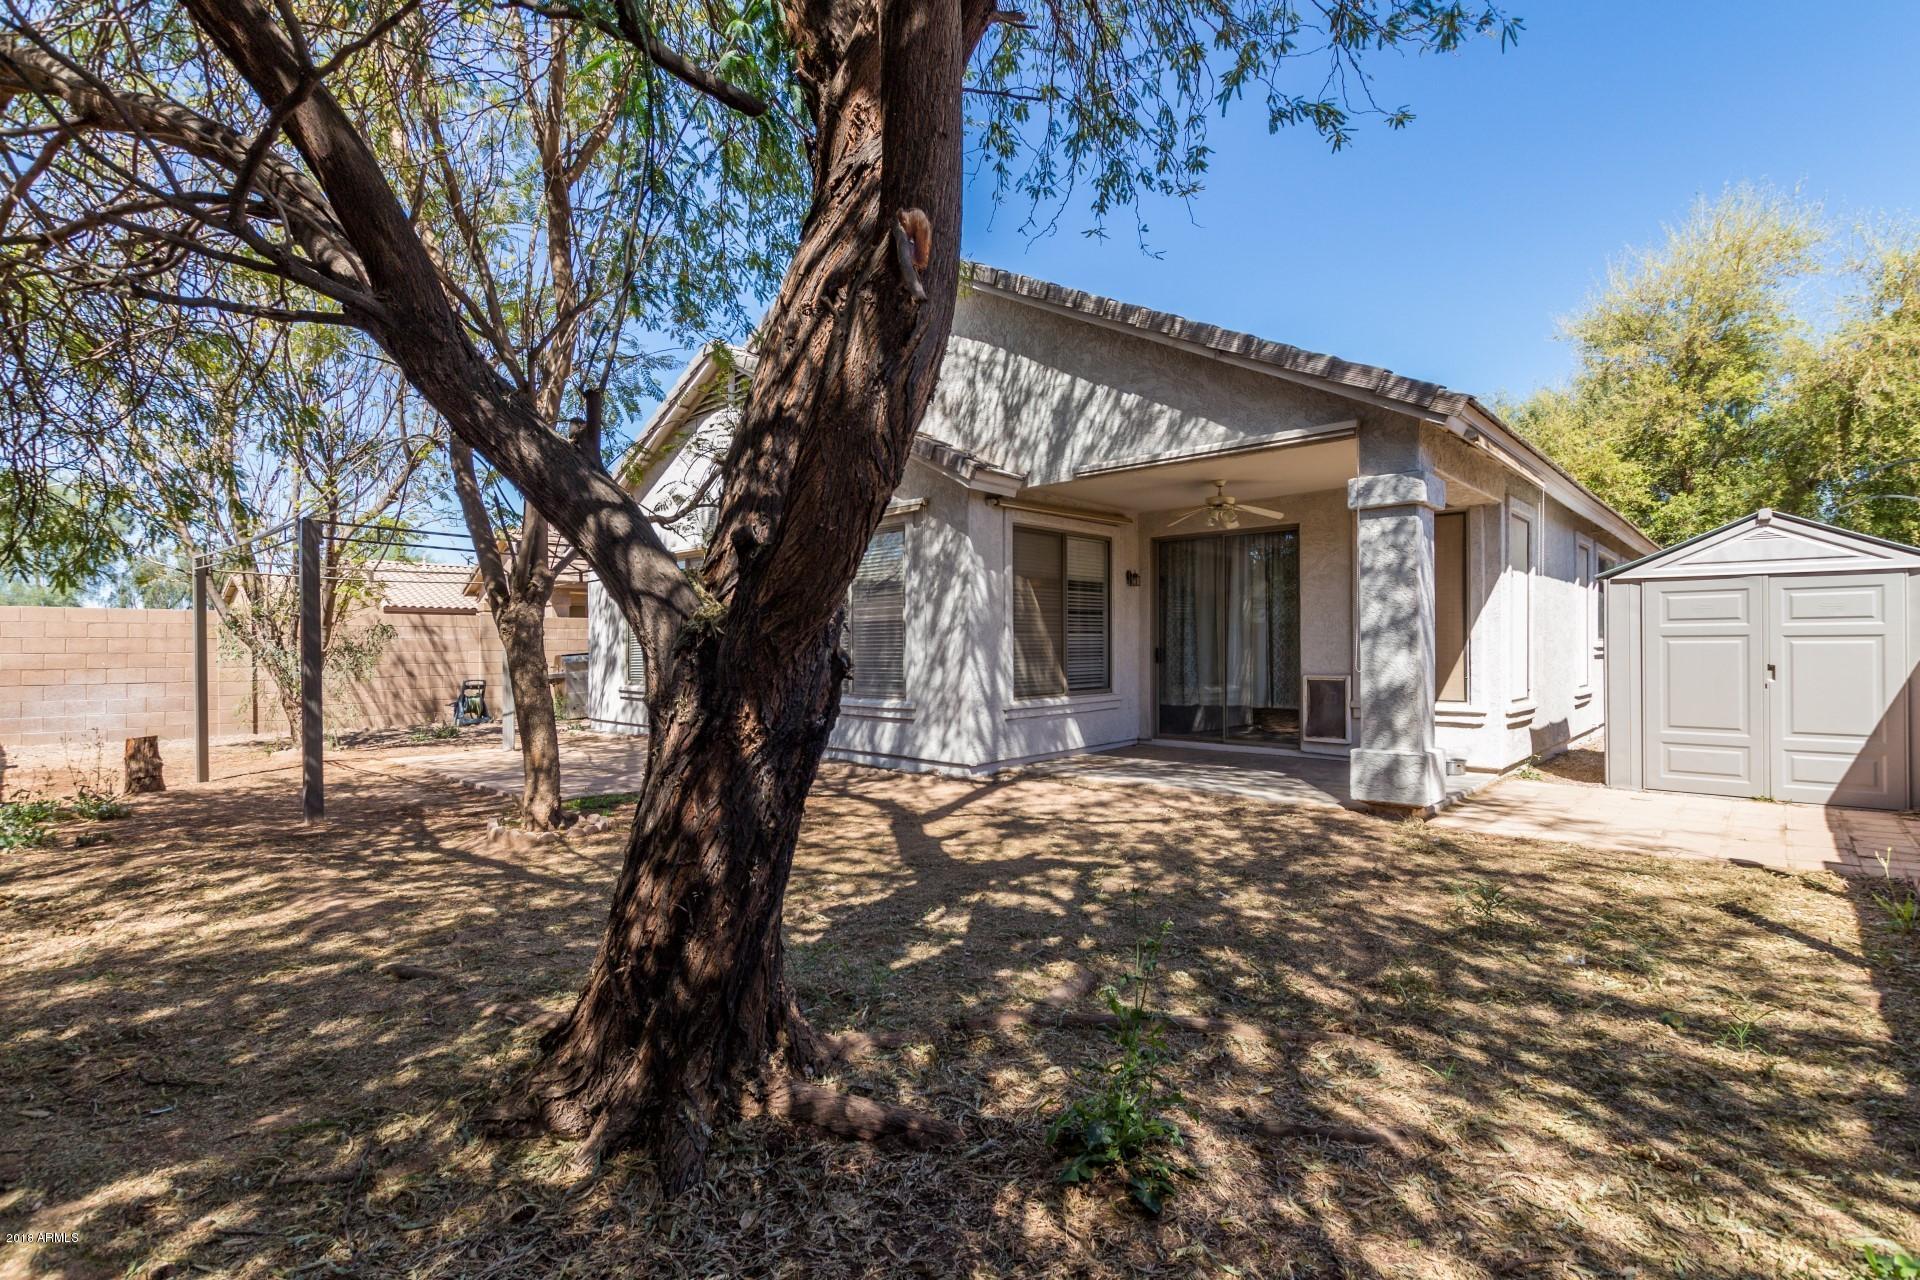 MLS 5730991 3475 E HAMPTON Lane, Gilbert, AZ 85295 Gilbert AZ Chaparral Estates